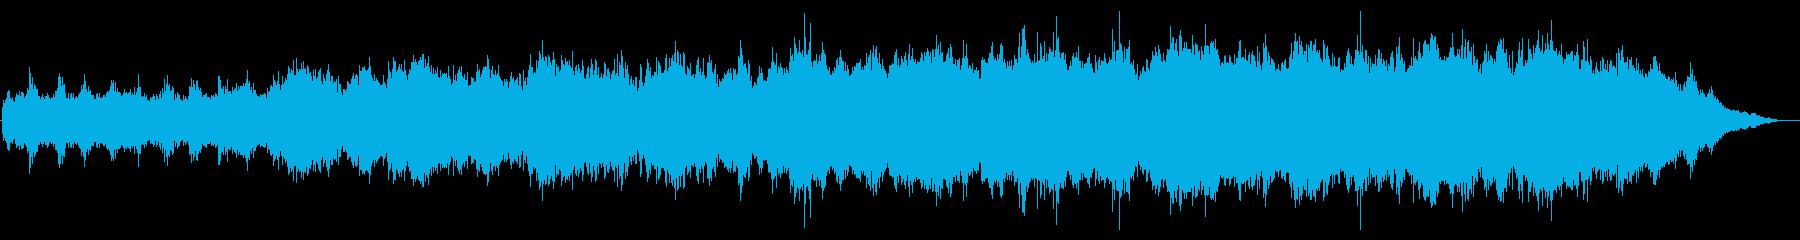 きらめく音色 ヒーリング アンビエントの再生済みの波形